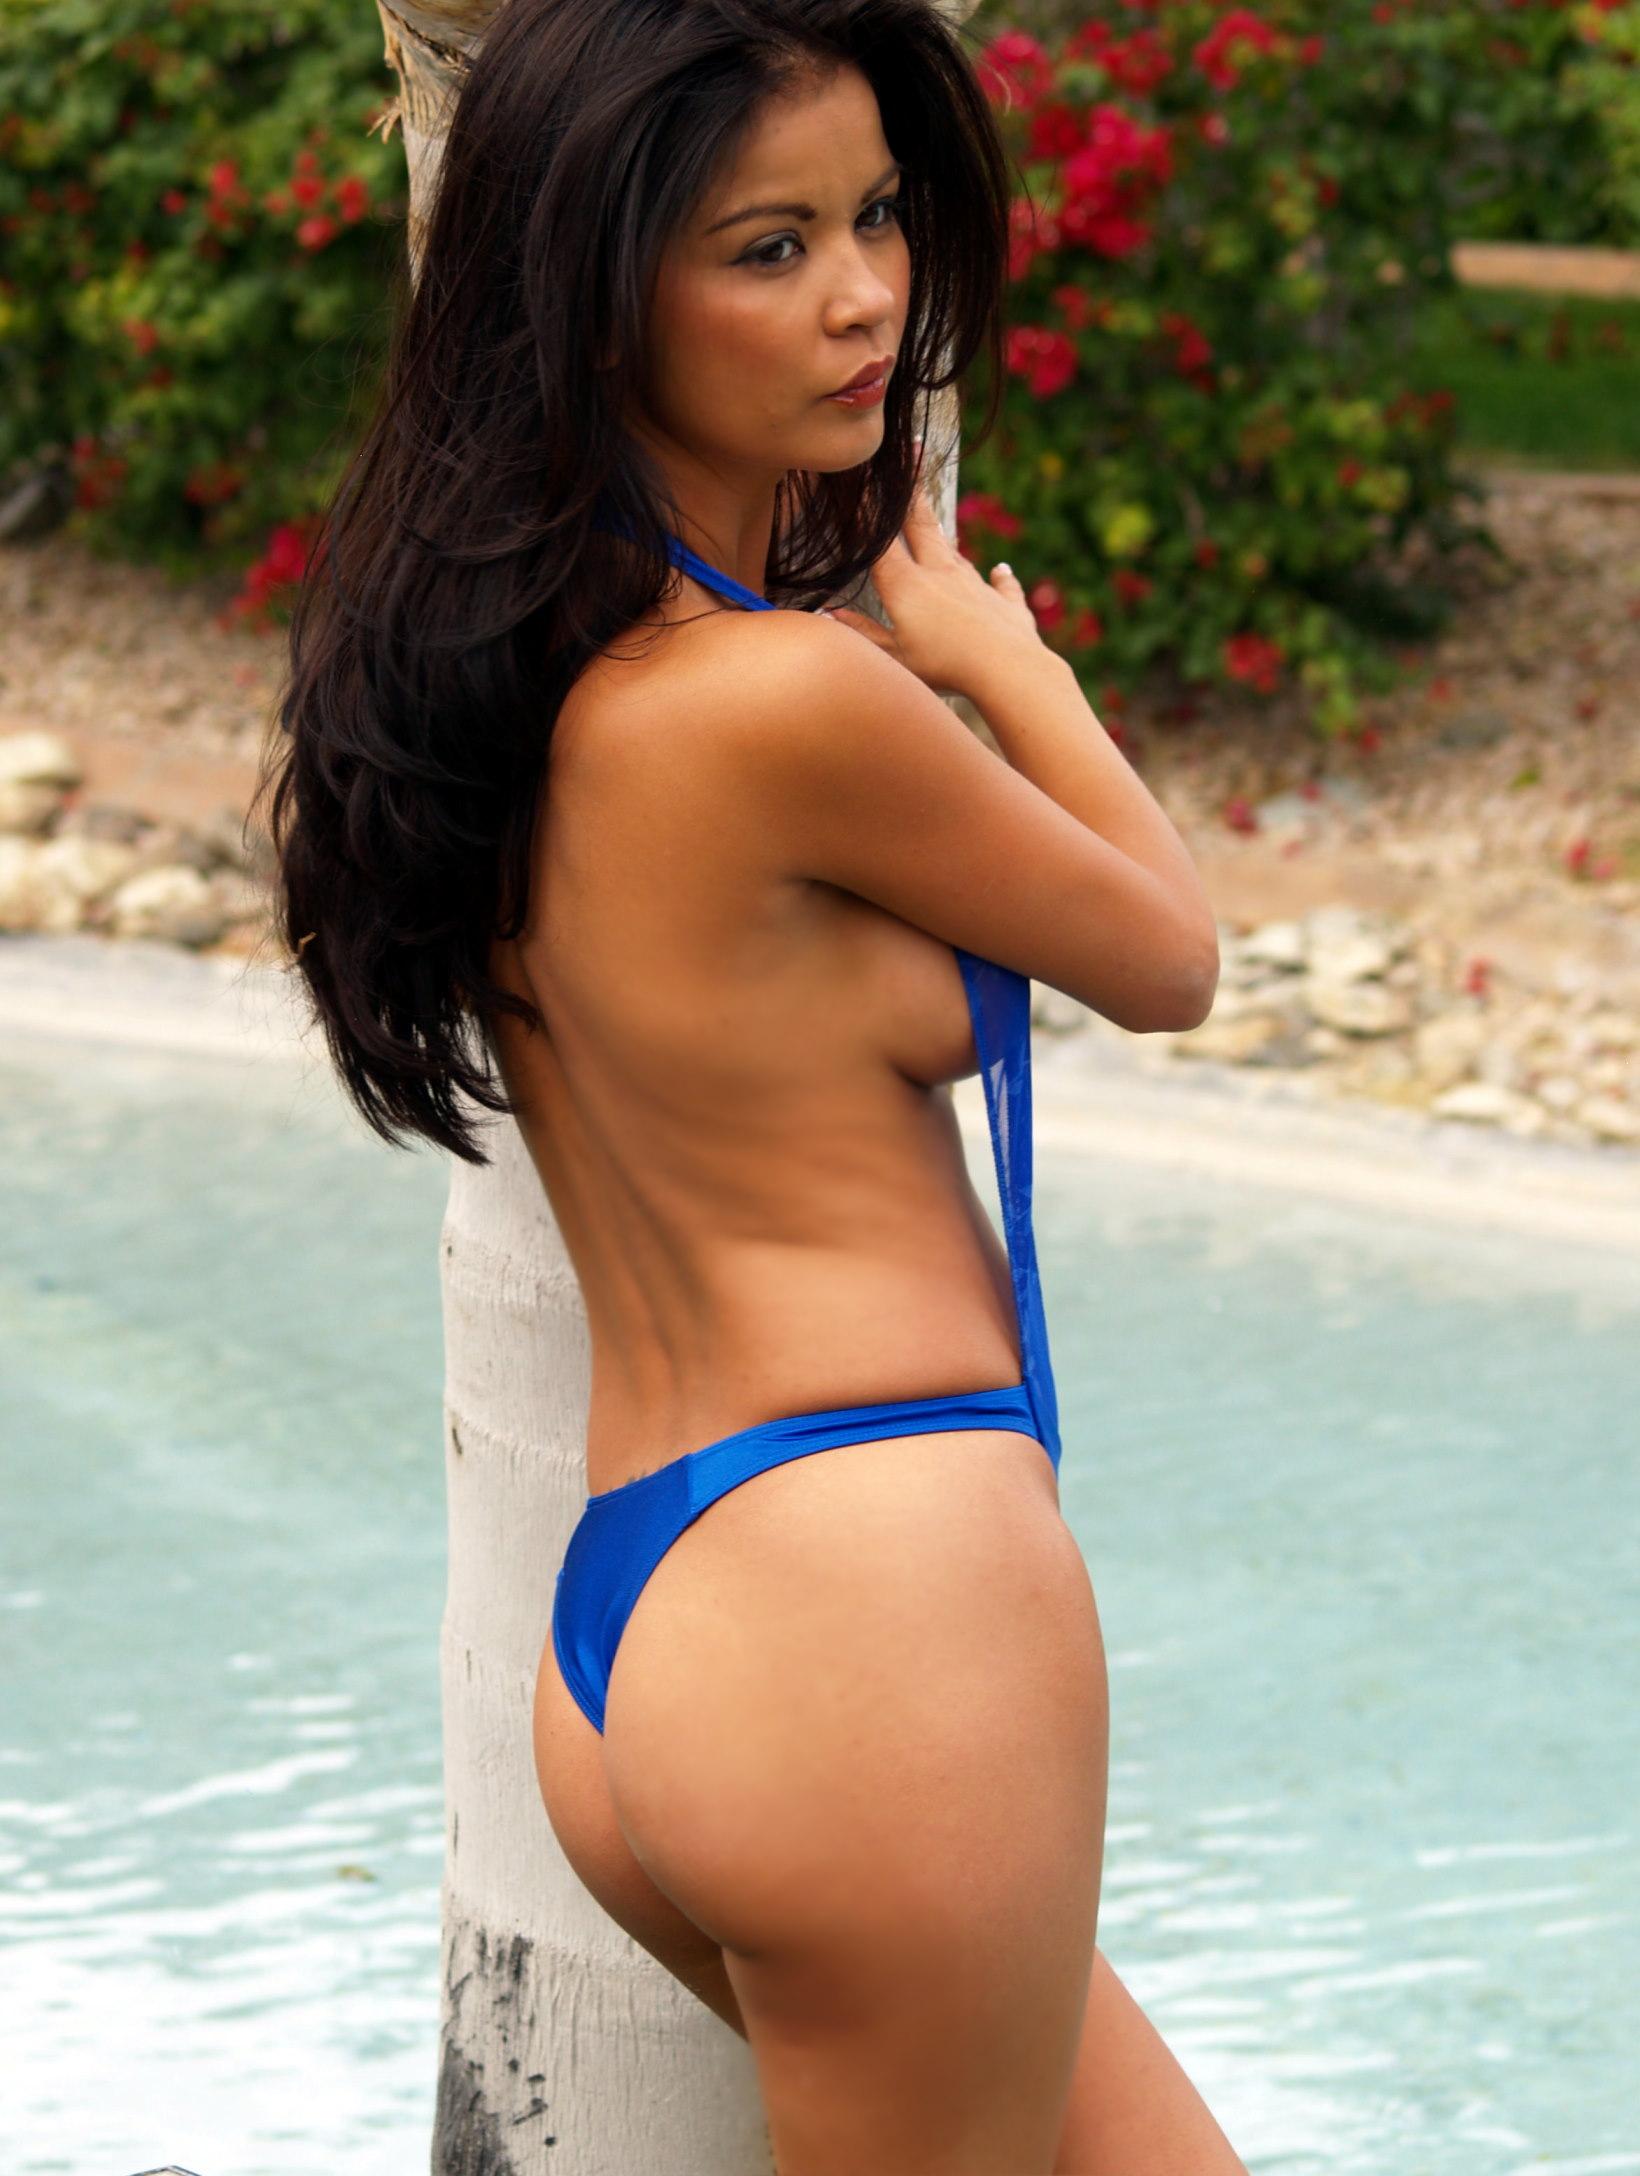 Sheer see through thong bikini pics — pic 14